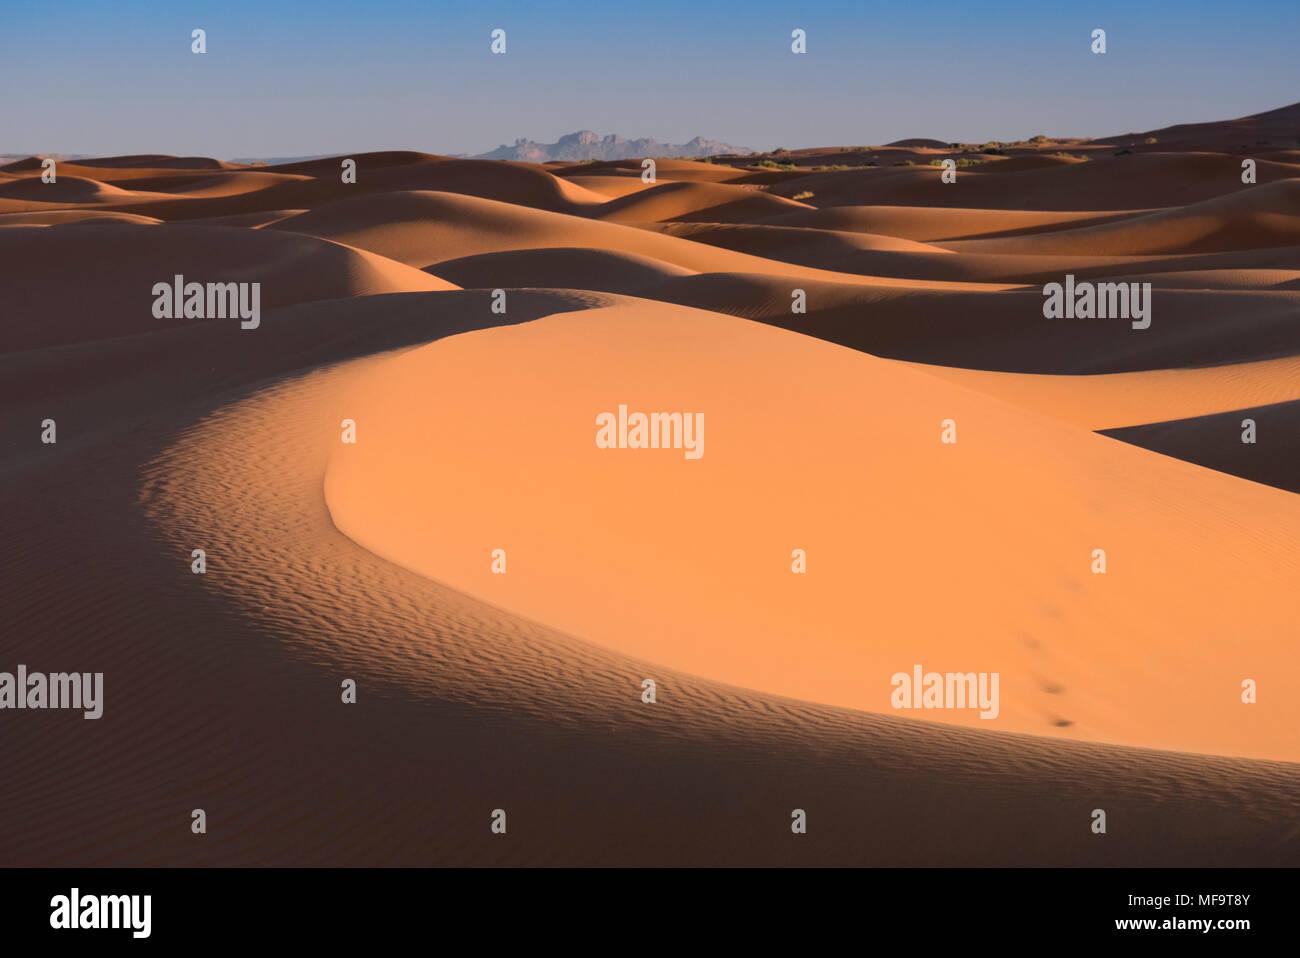 Meer von Sand, Dünen der Wüste Erg Chebbi, Westsahara, Marokko Stockbild